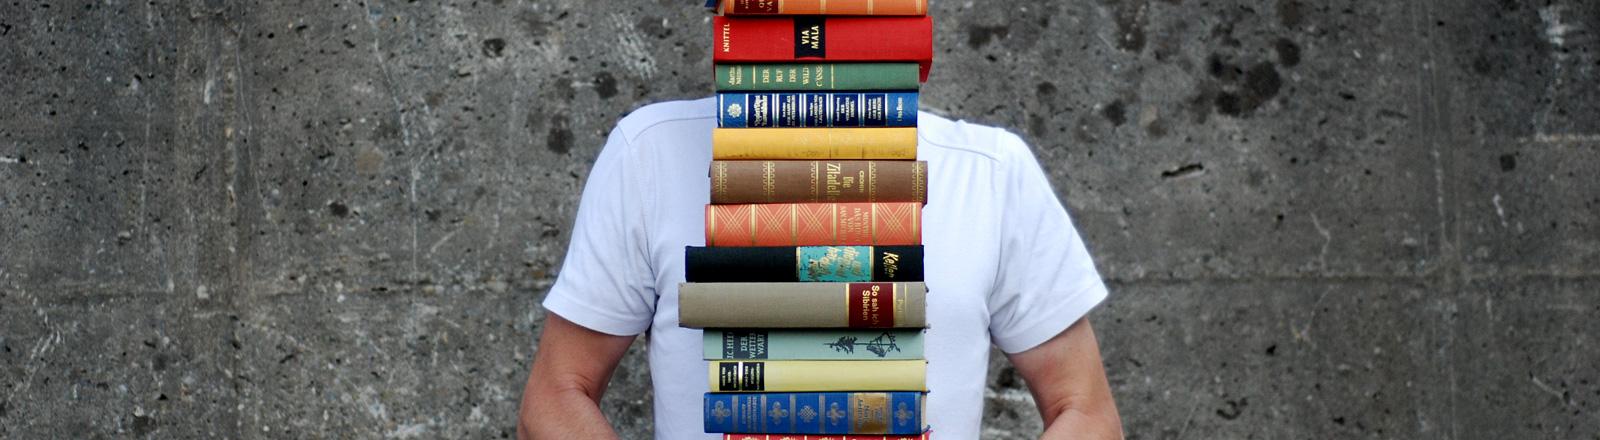 Mann mit Bücherstapel